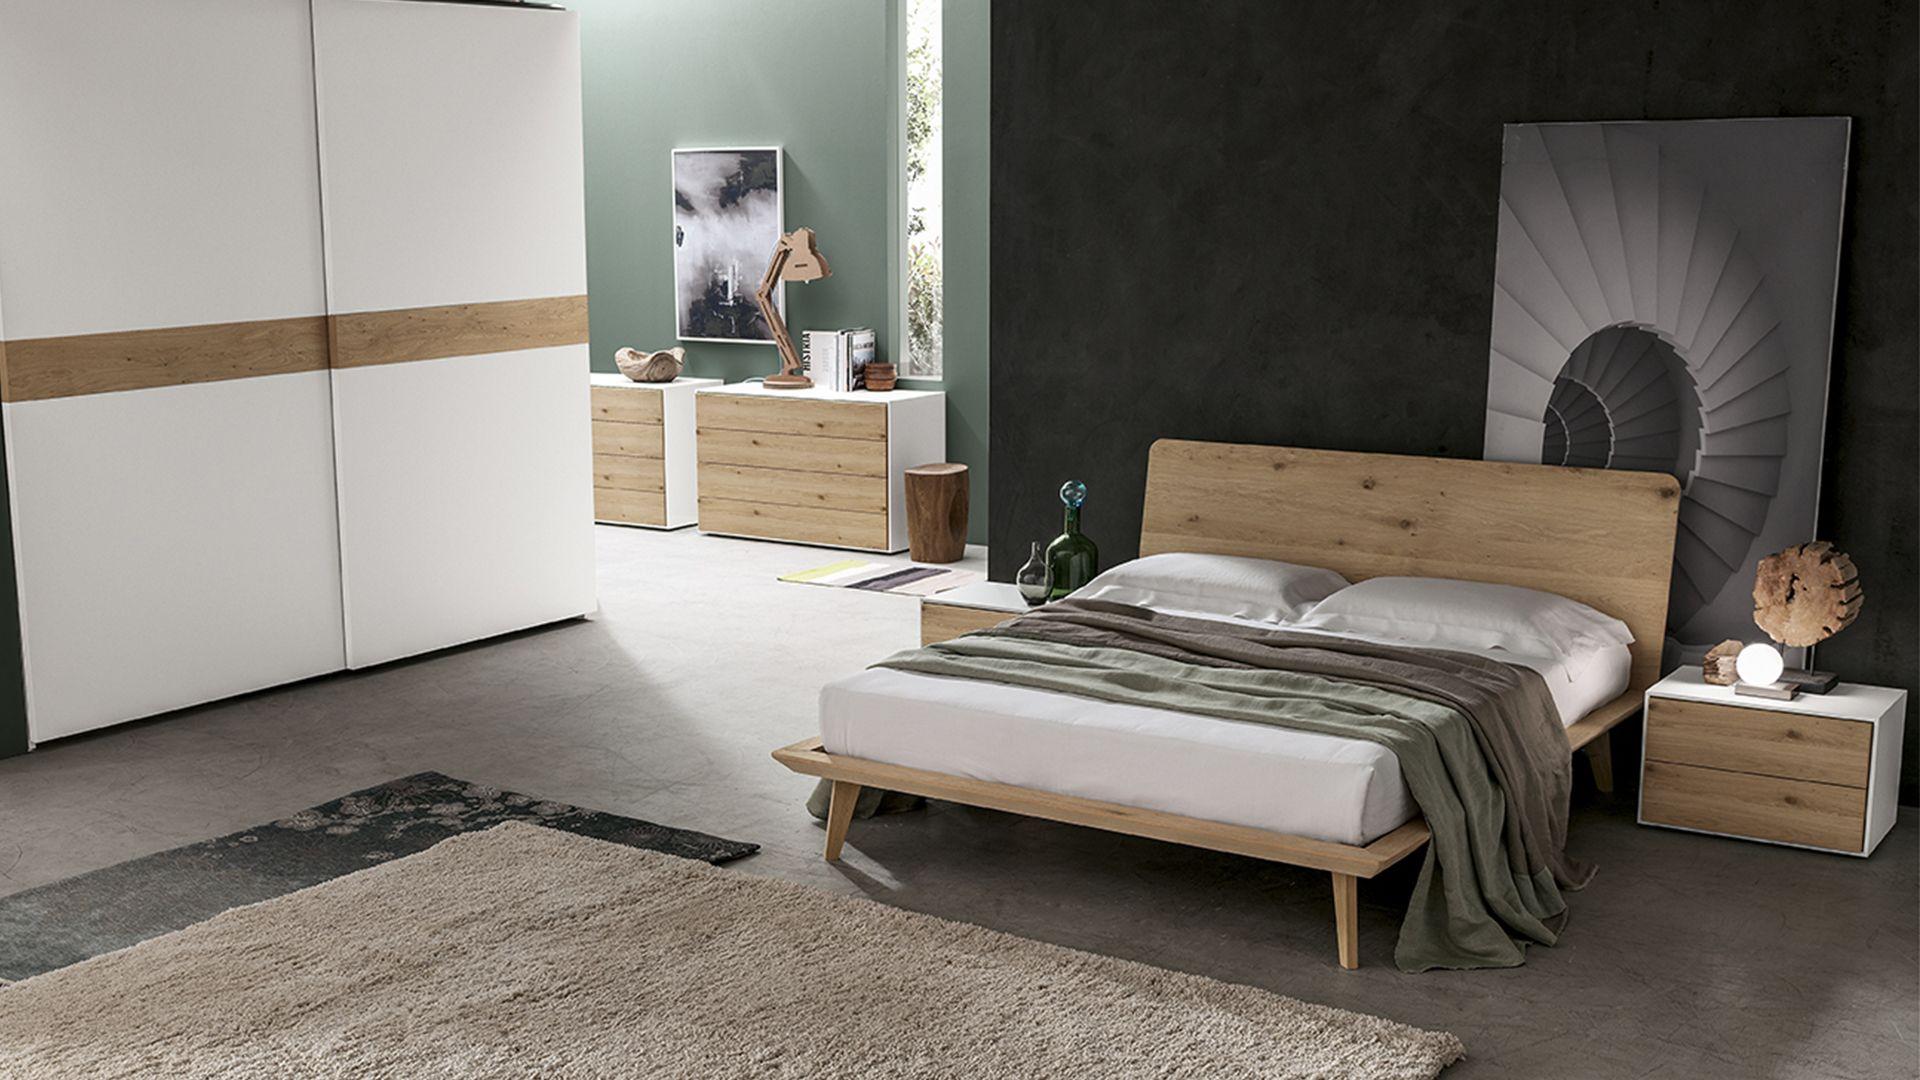 Camera da letto matrimoniale completa letti matrimoniali santa lucia bed e home decor - Camera da letto santa lucia ...